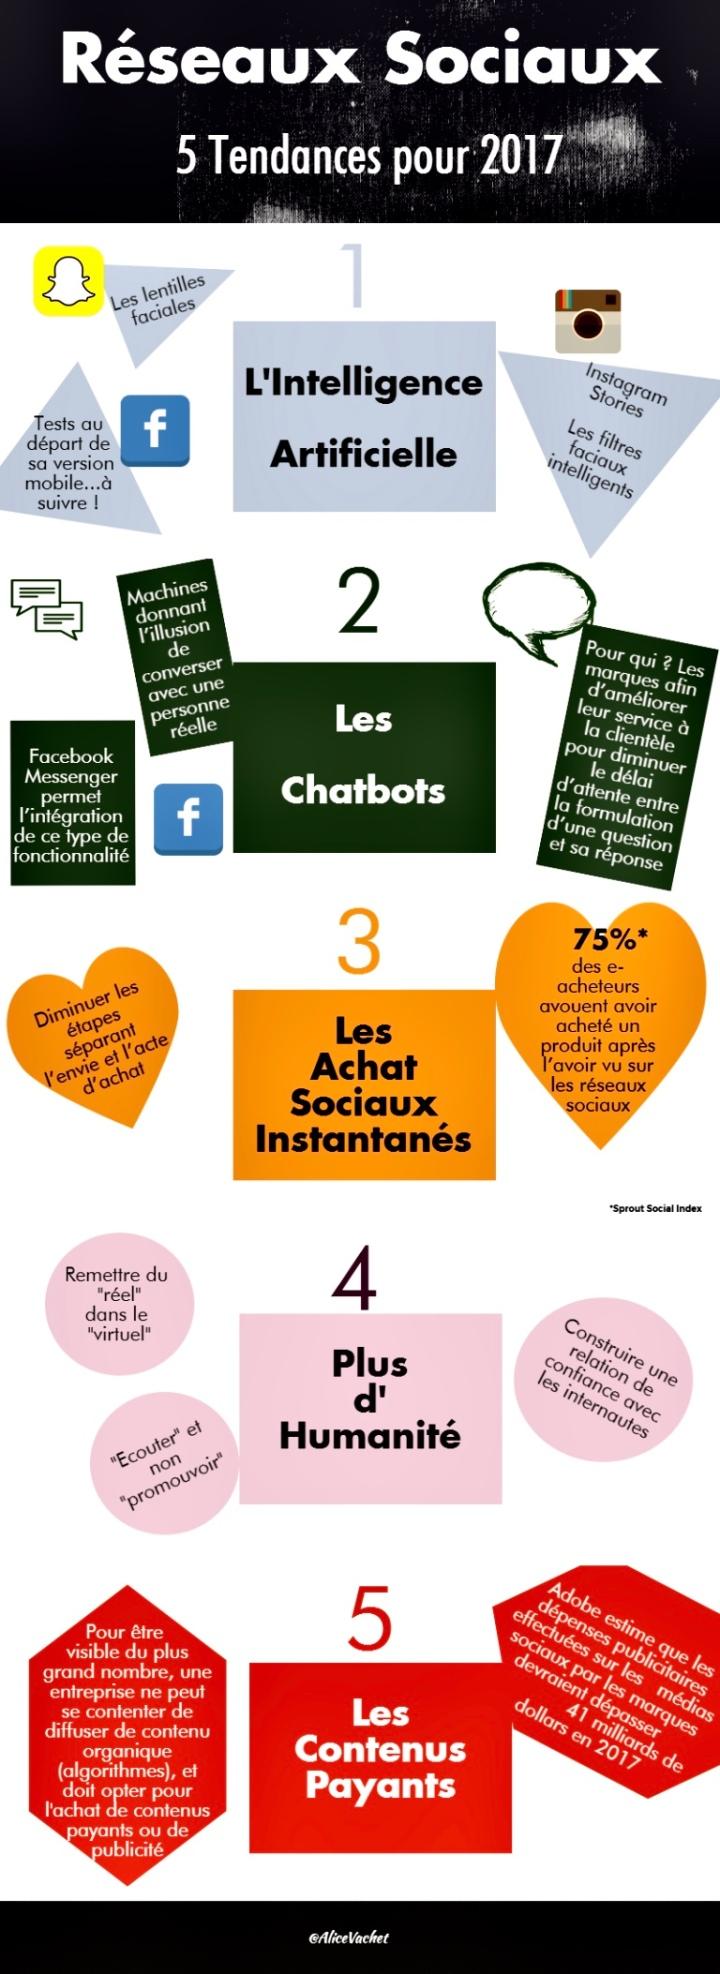 [Infographie] 5 tendances des réseaux sociaux en 2017📊